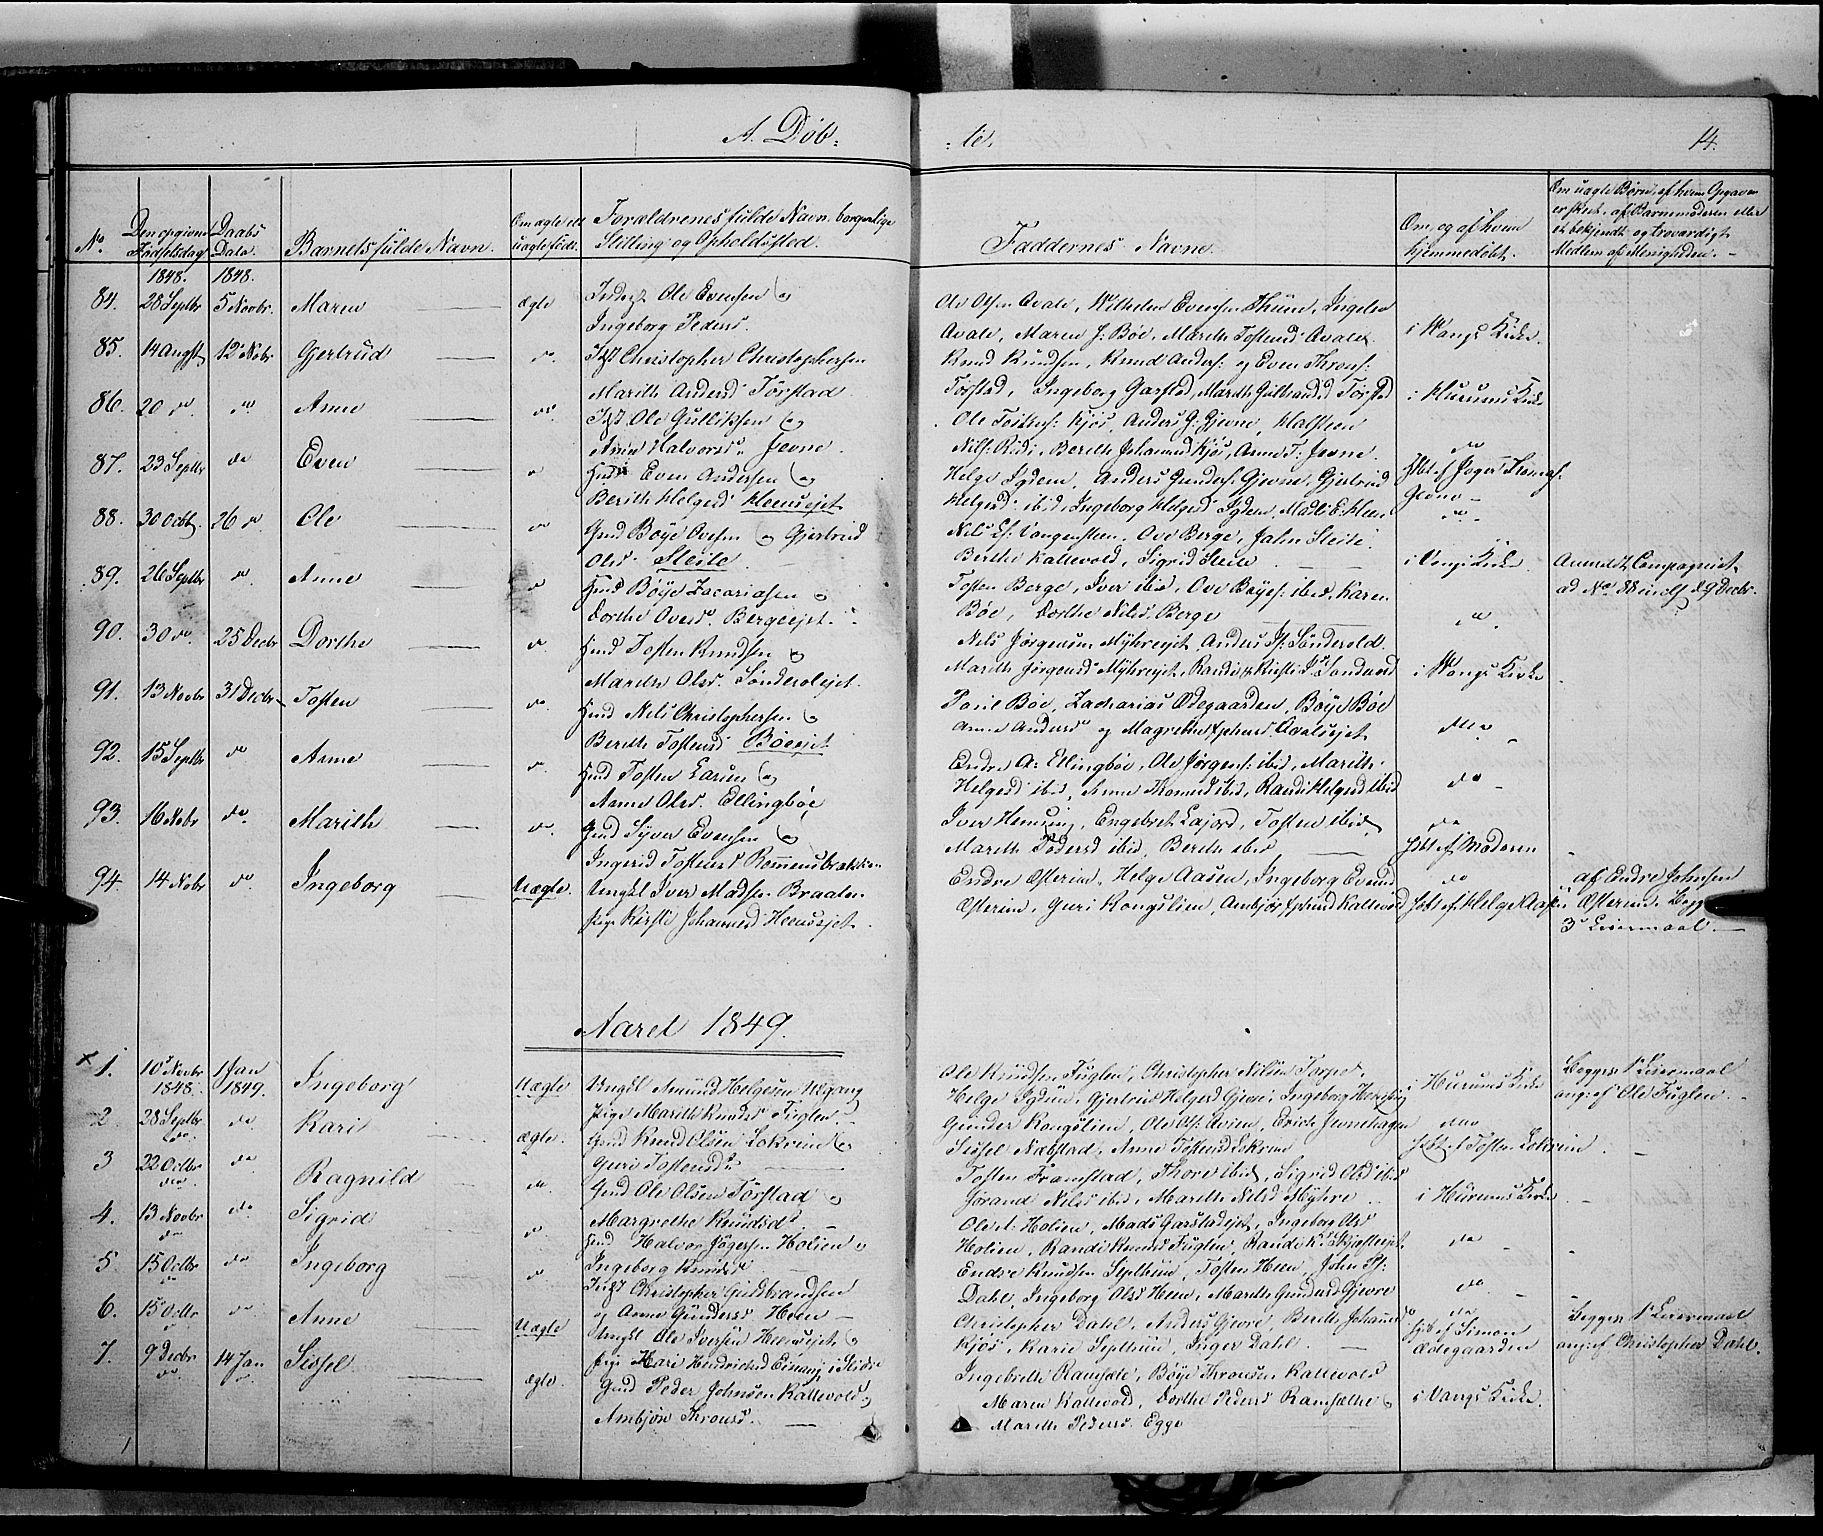 SAH, Vang prestekontor, Valdres, Ministerialbok nr. 6, 1846-1864, s. 14